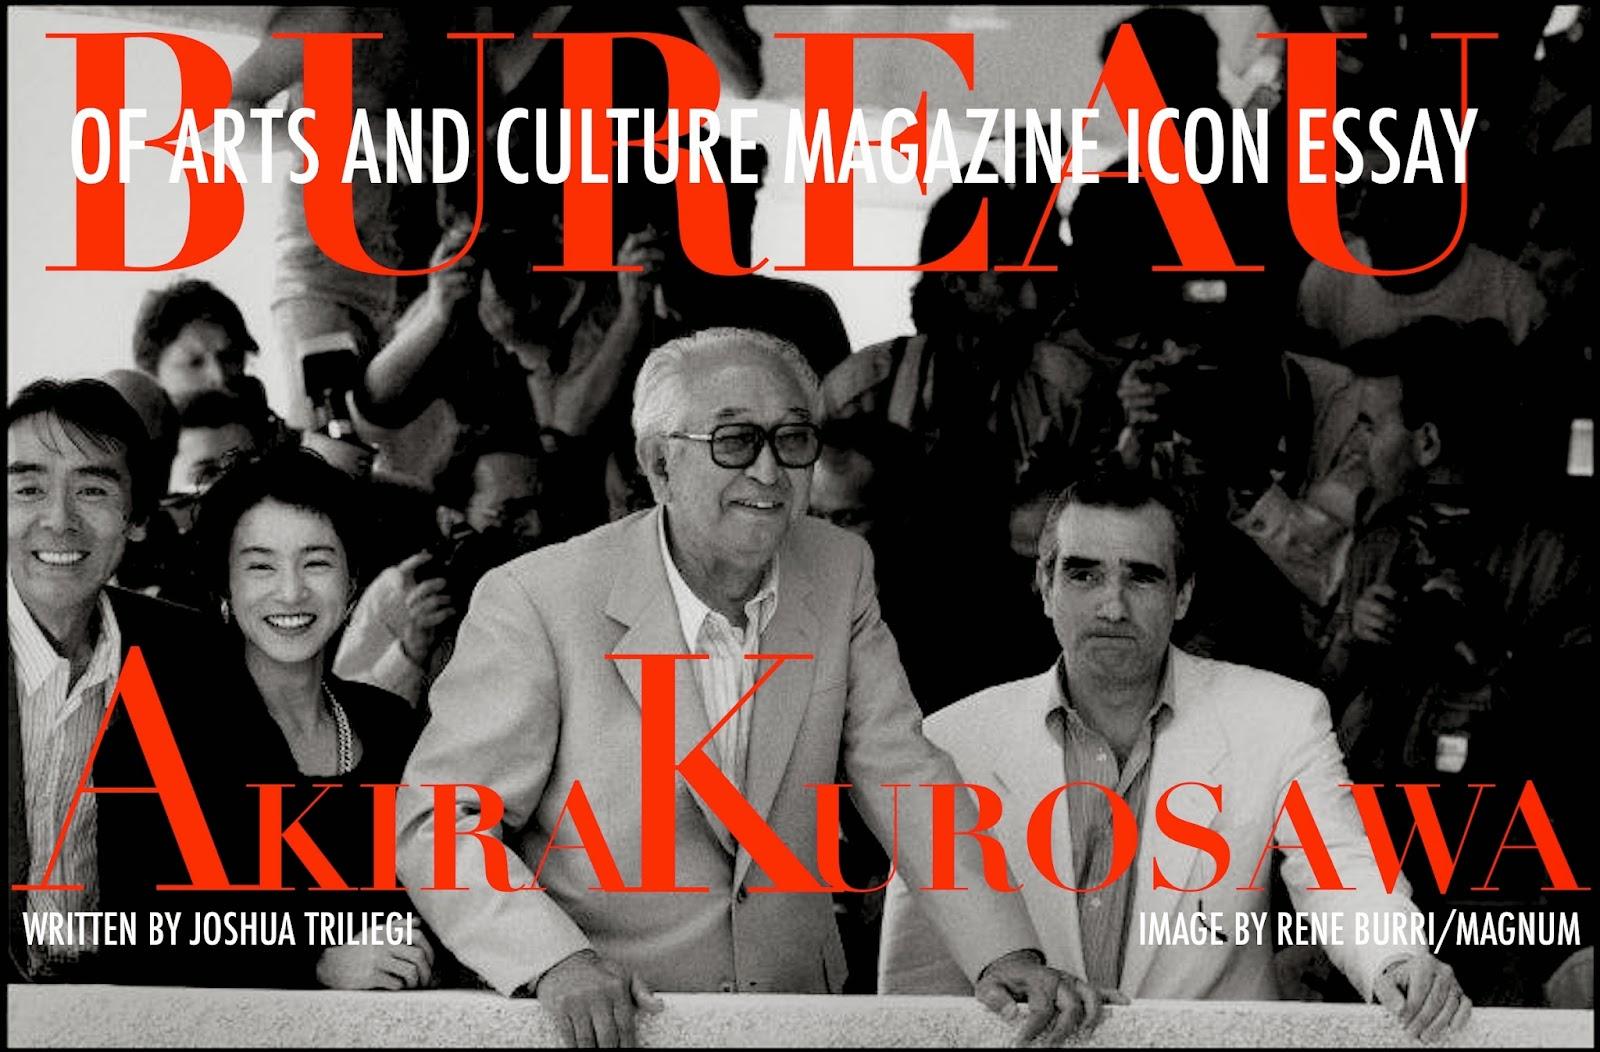 ICON : AKIRA  KUROSAWA